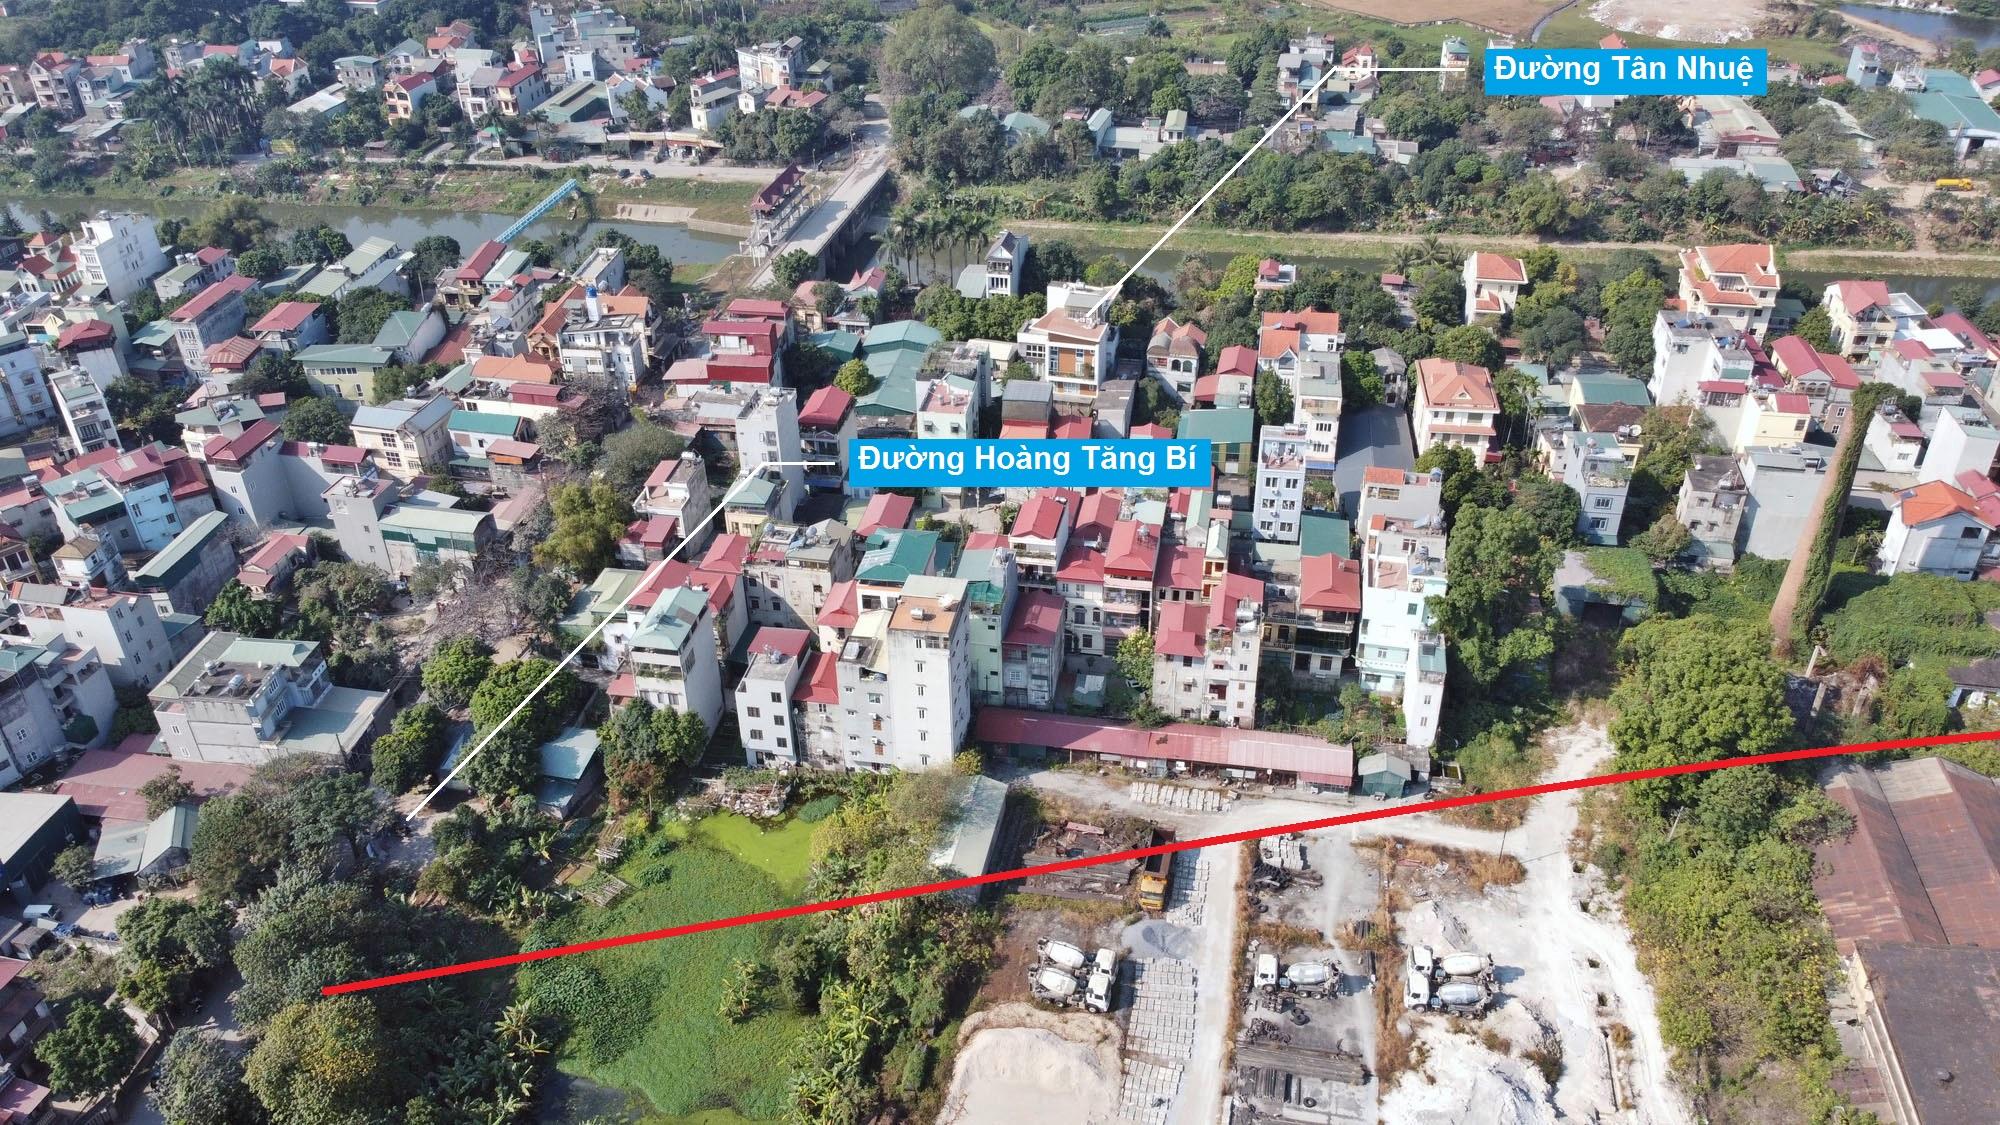 Ba đường sẽ mở theo quy hoạch ở phường Thụy Phương, Bắc Từ Liêm, Hà Nội (phần 3) - Ảnh 10.